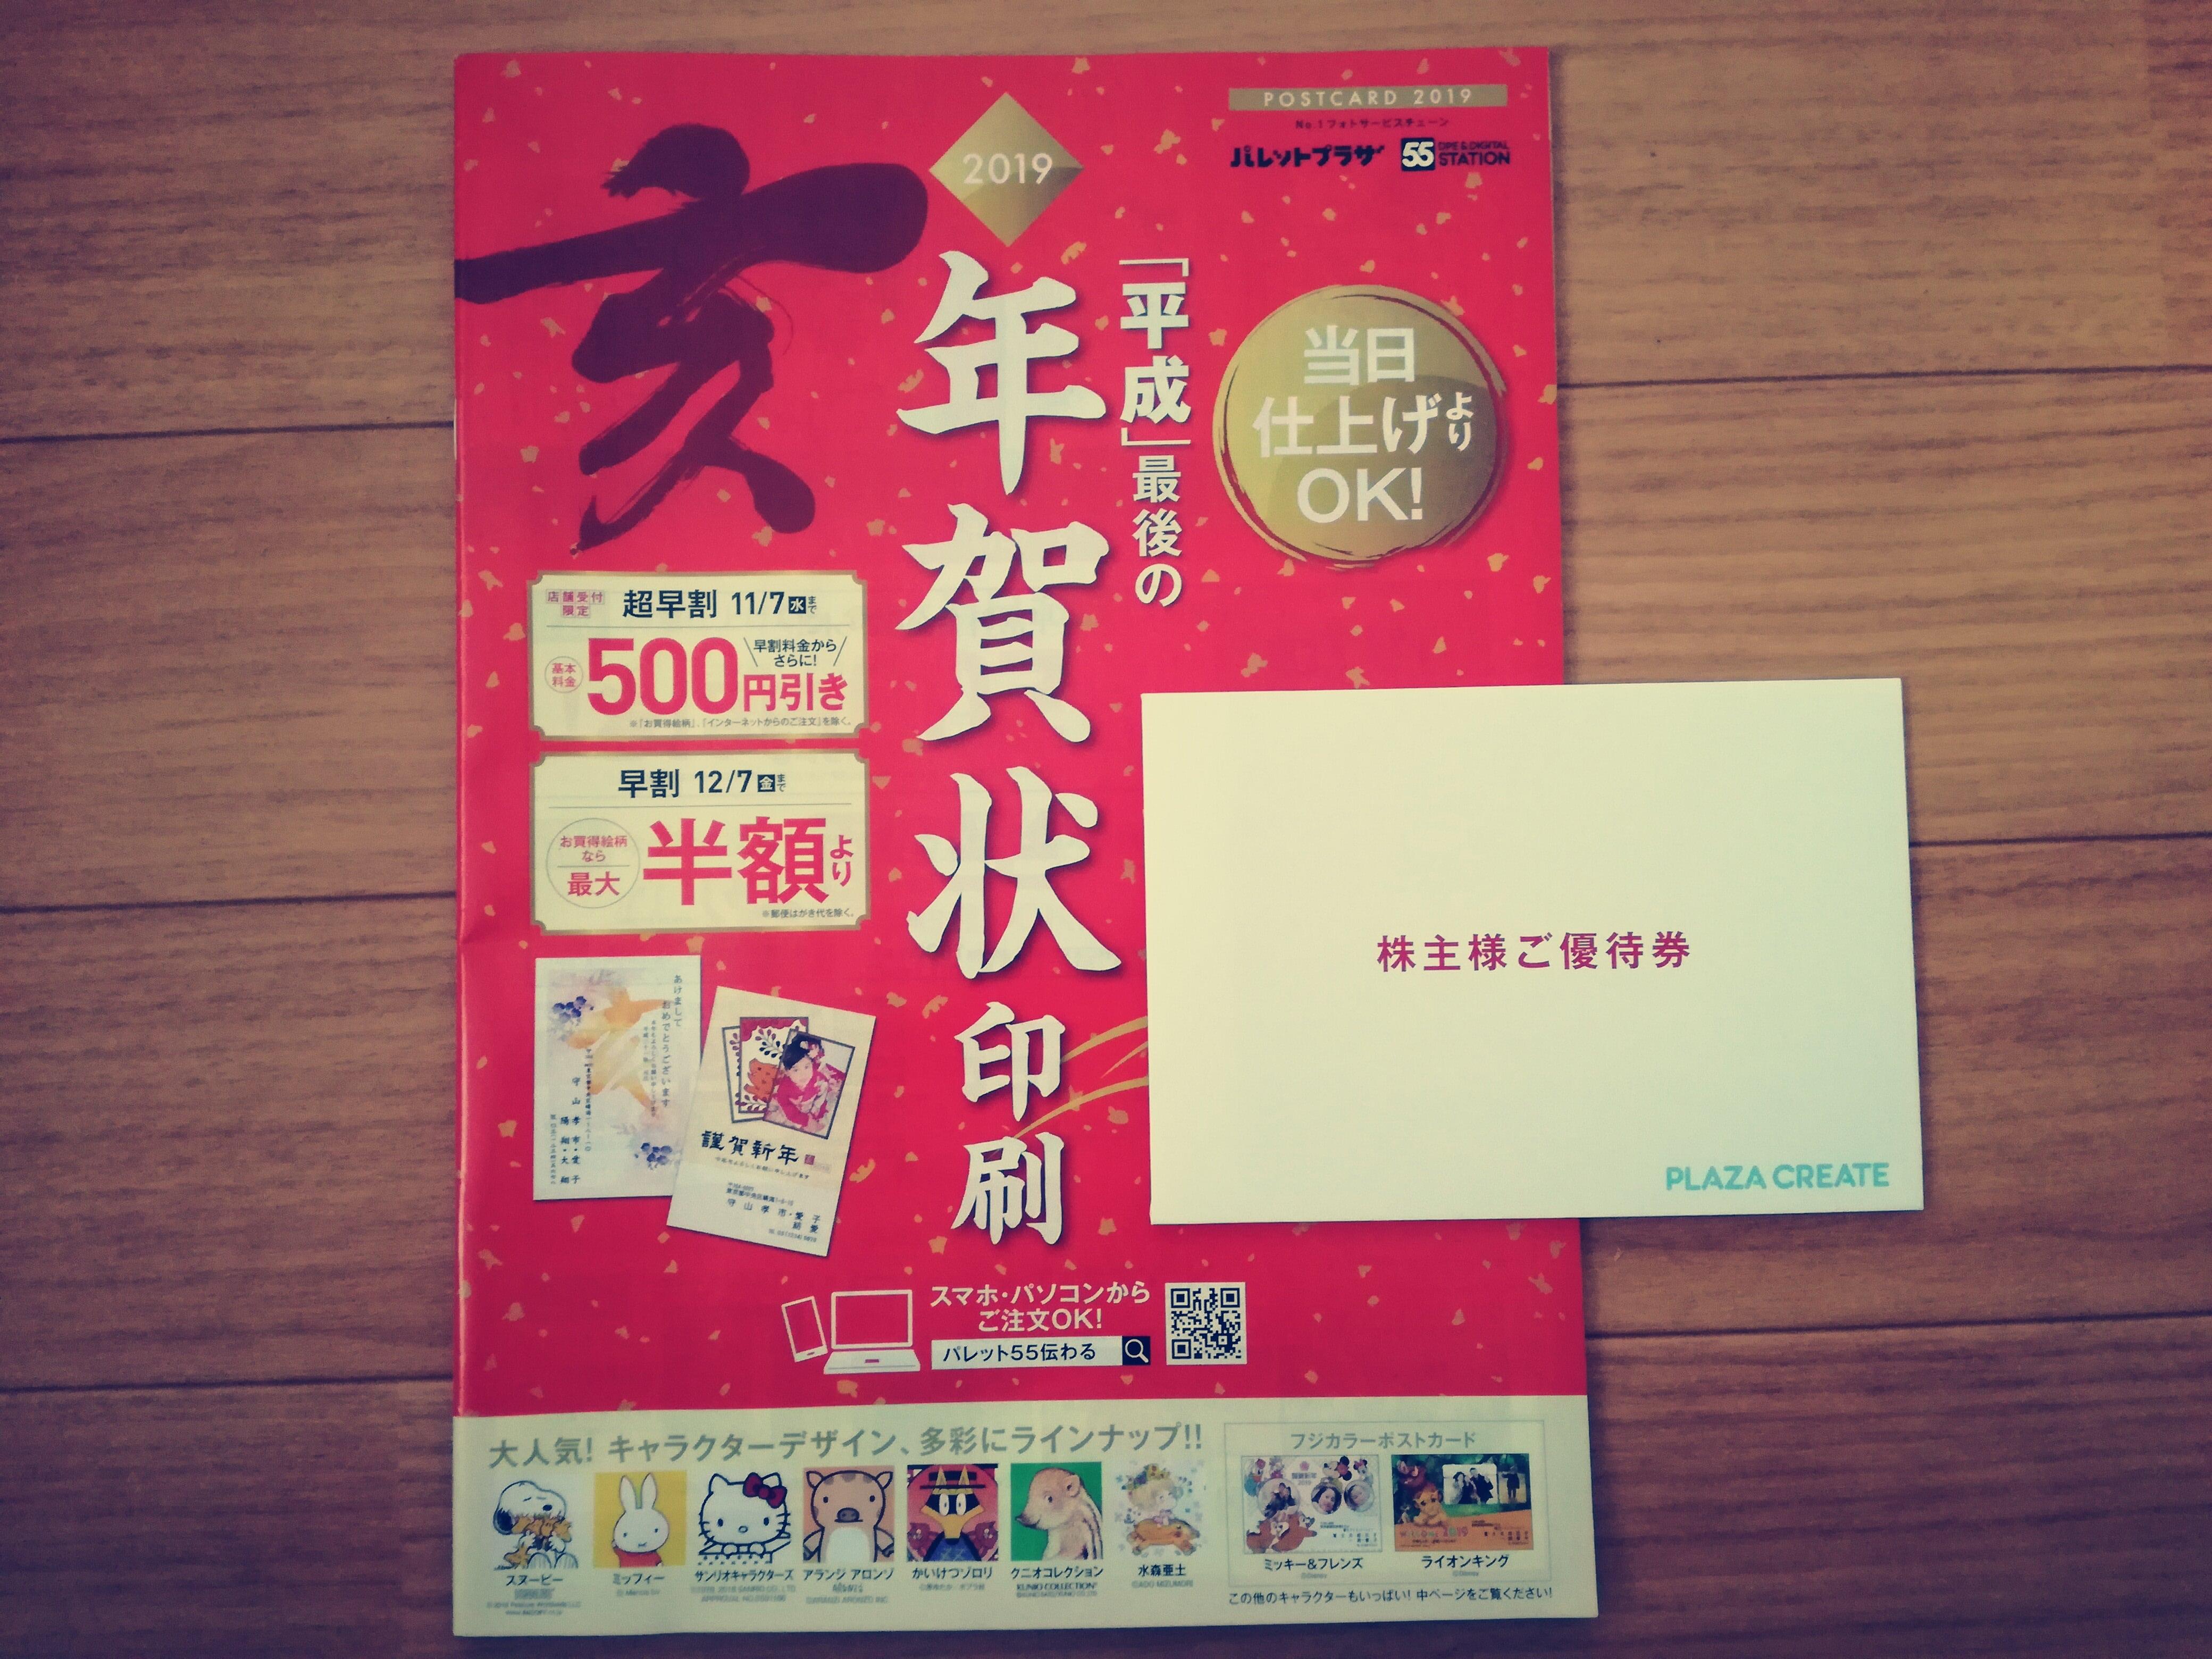 プラザクリエイト本社(7502)から株主優待の「年賀状印刷・500円券」が到着!